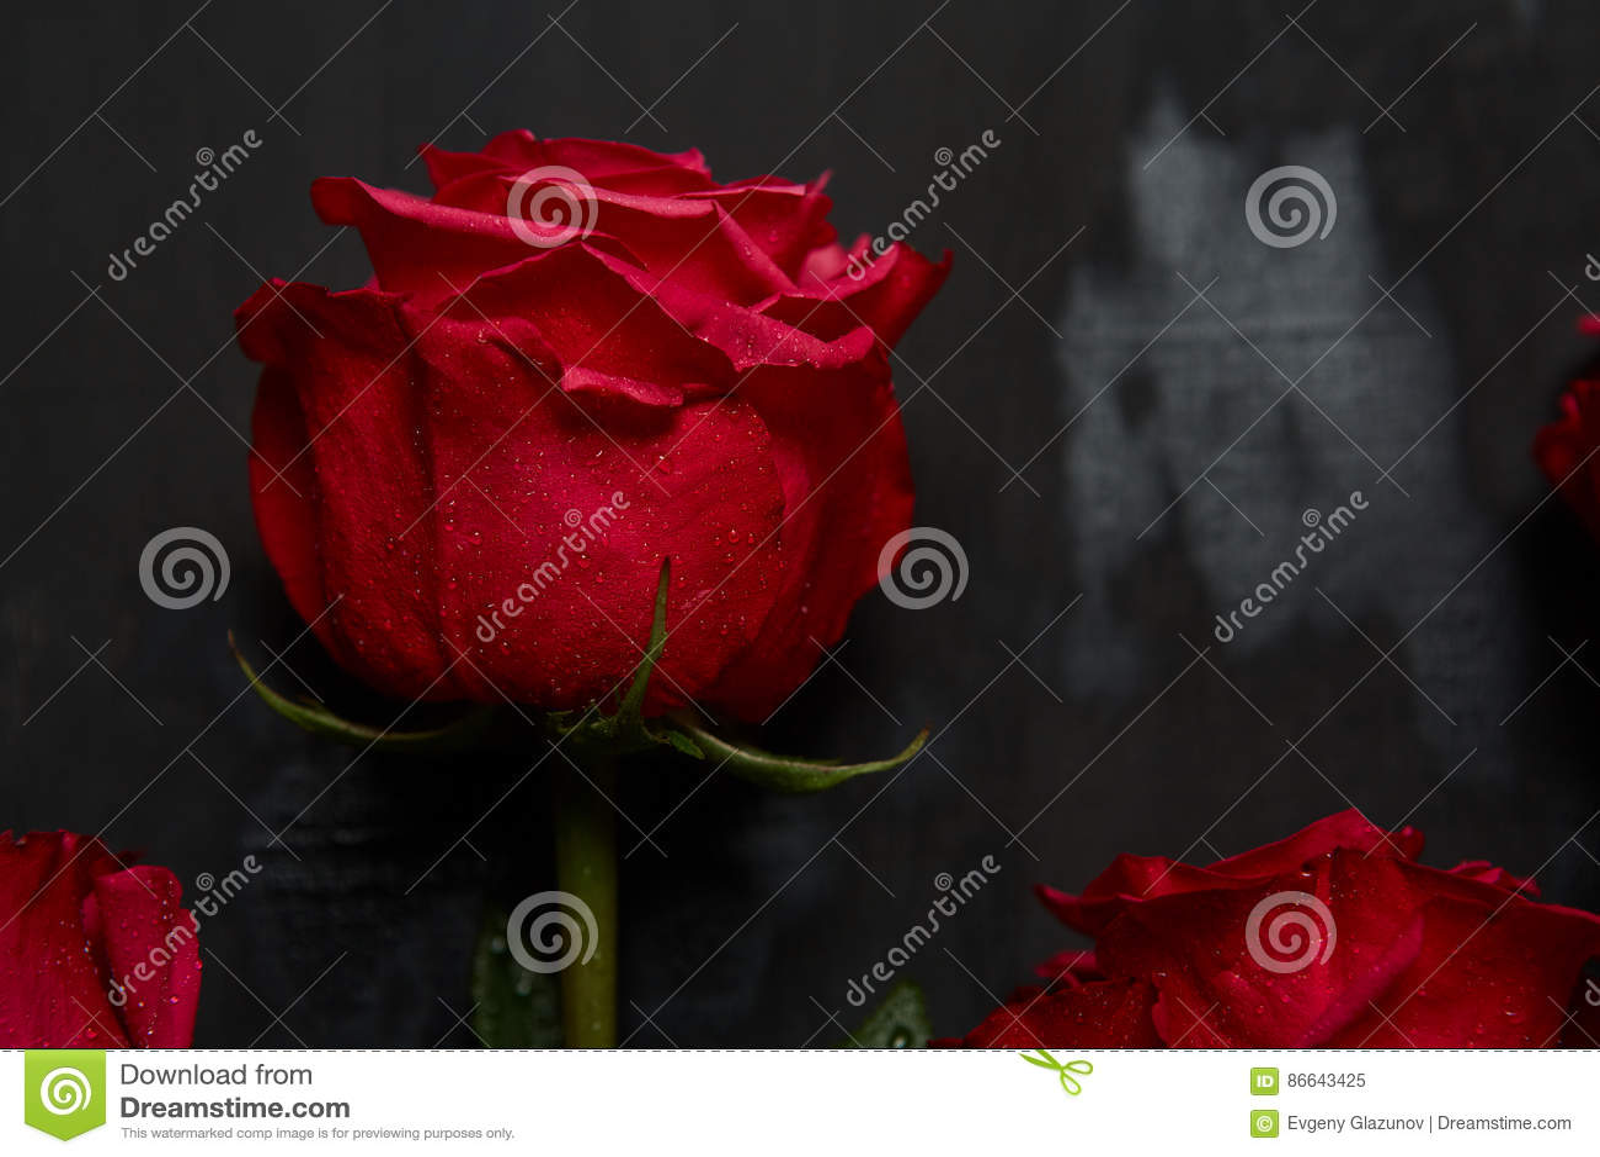 Composition Des Roses Rouges Sur Le Fond Gris Fonce Decor Chic